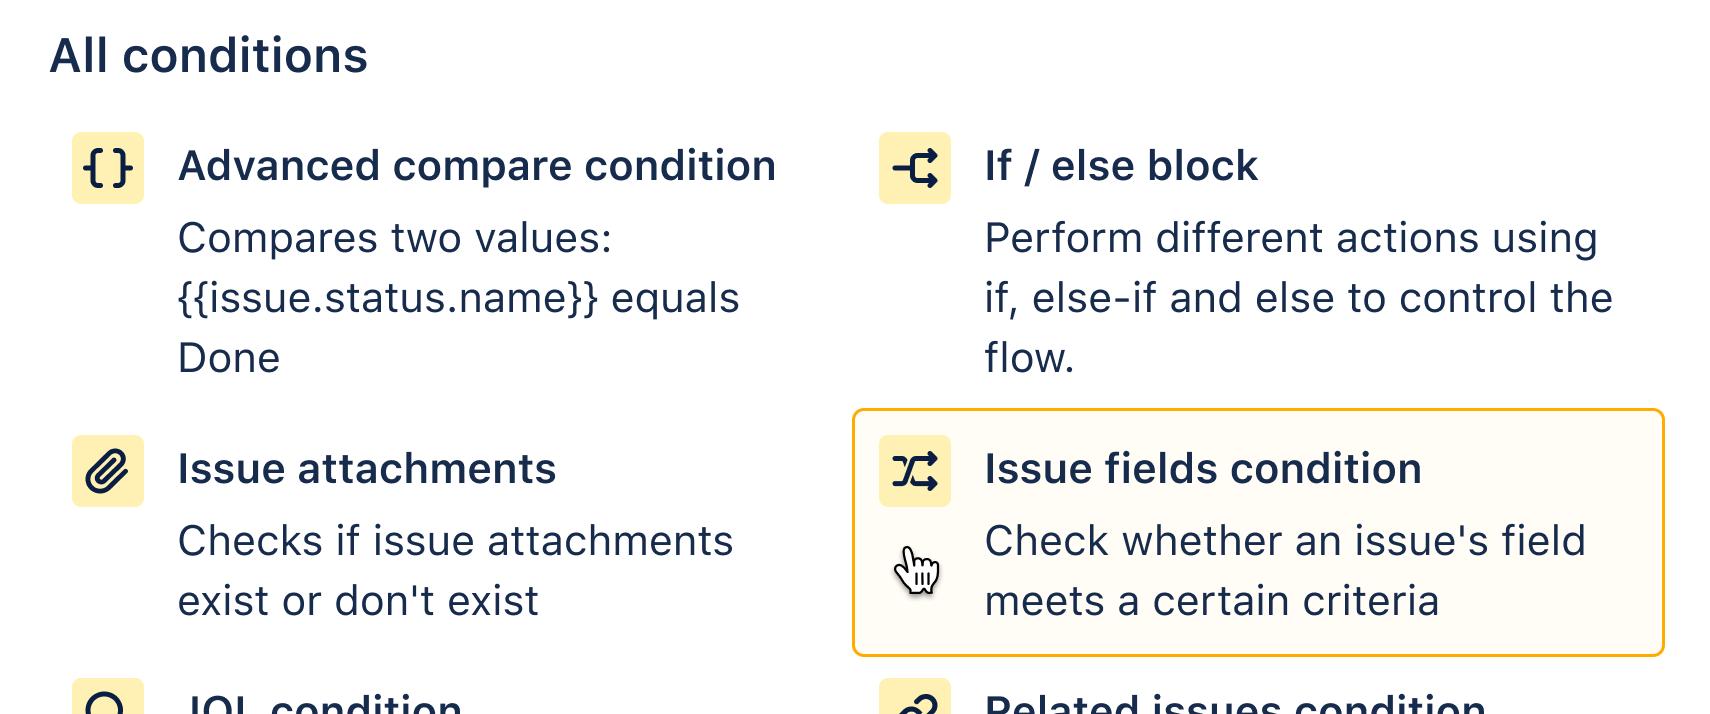 課題フィールドの条件を追加する